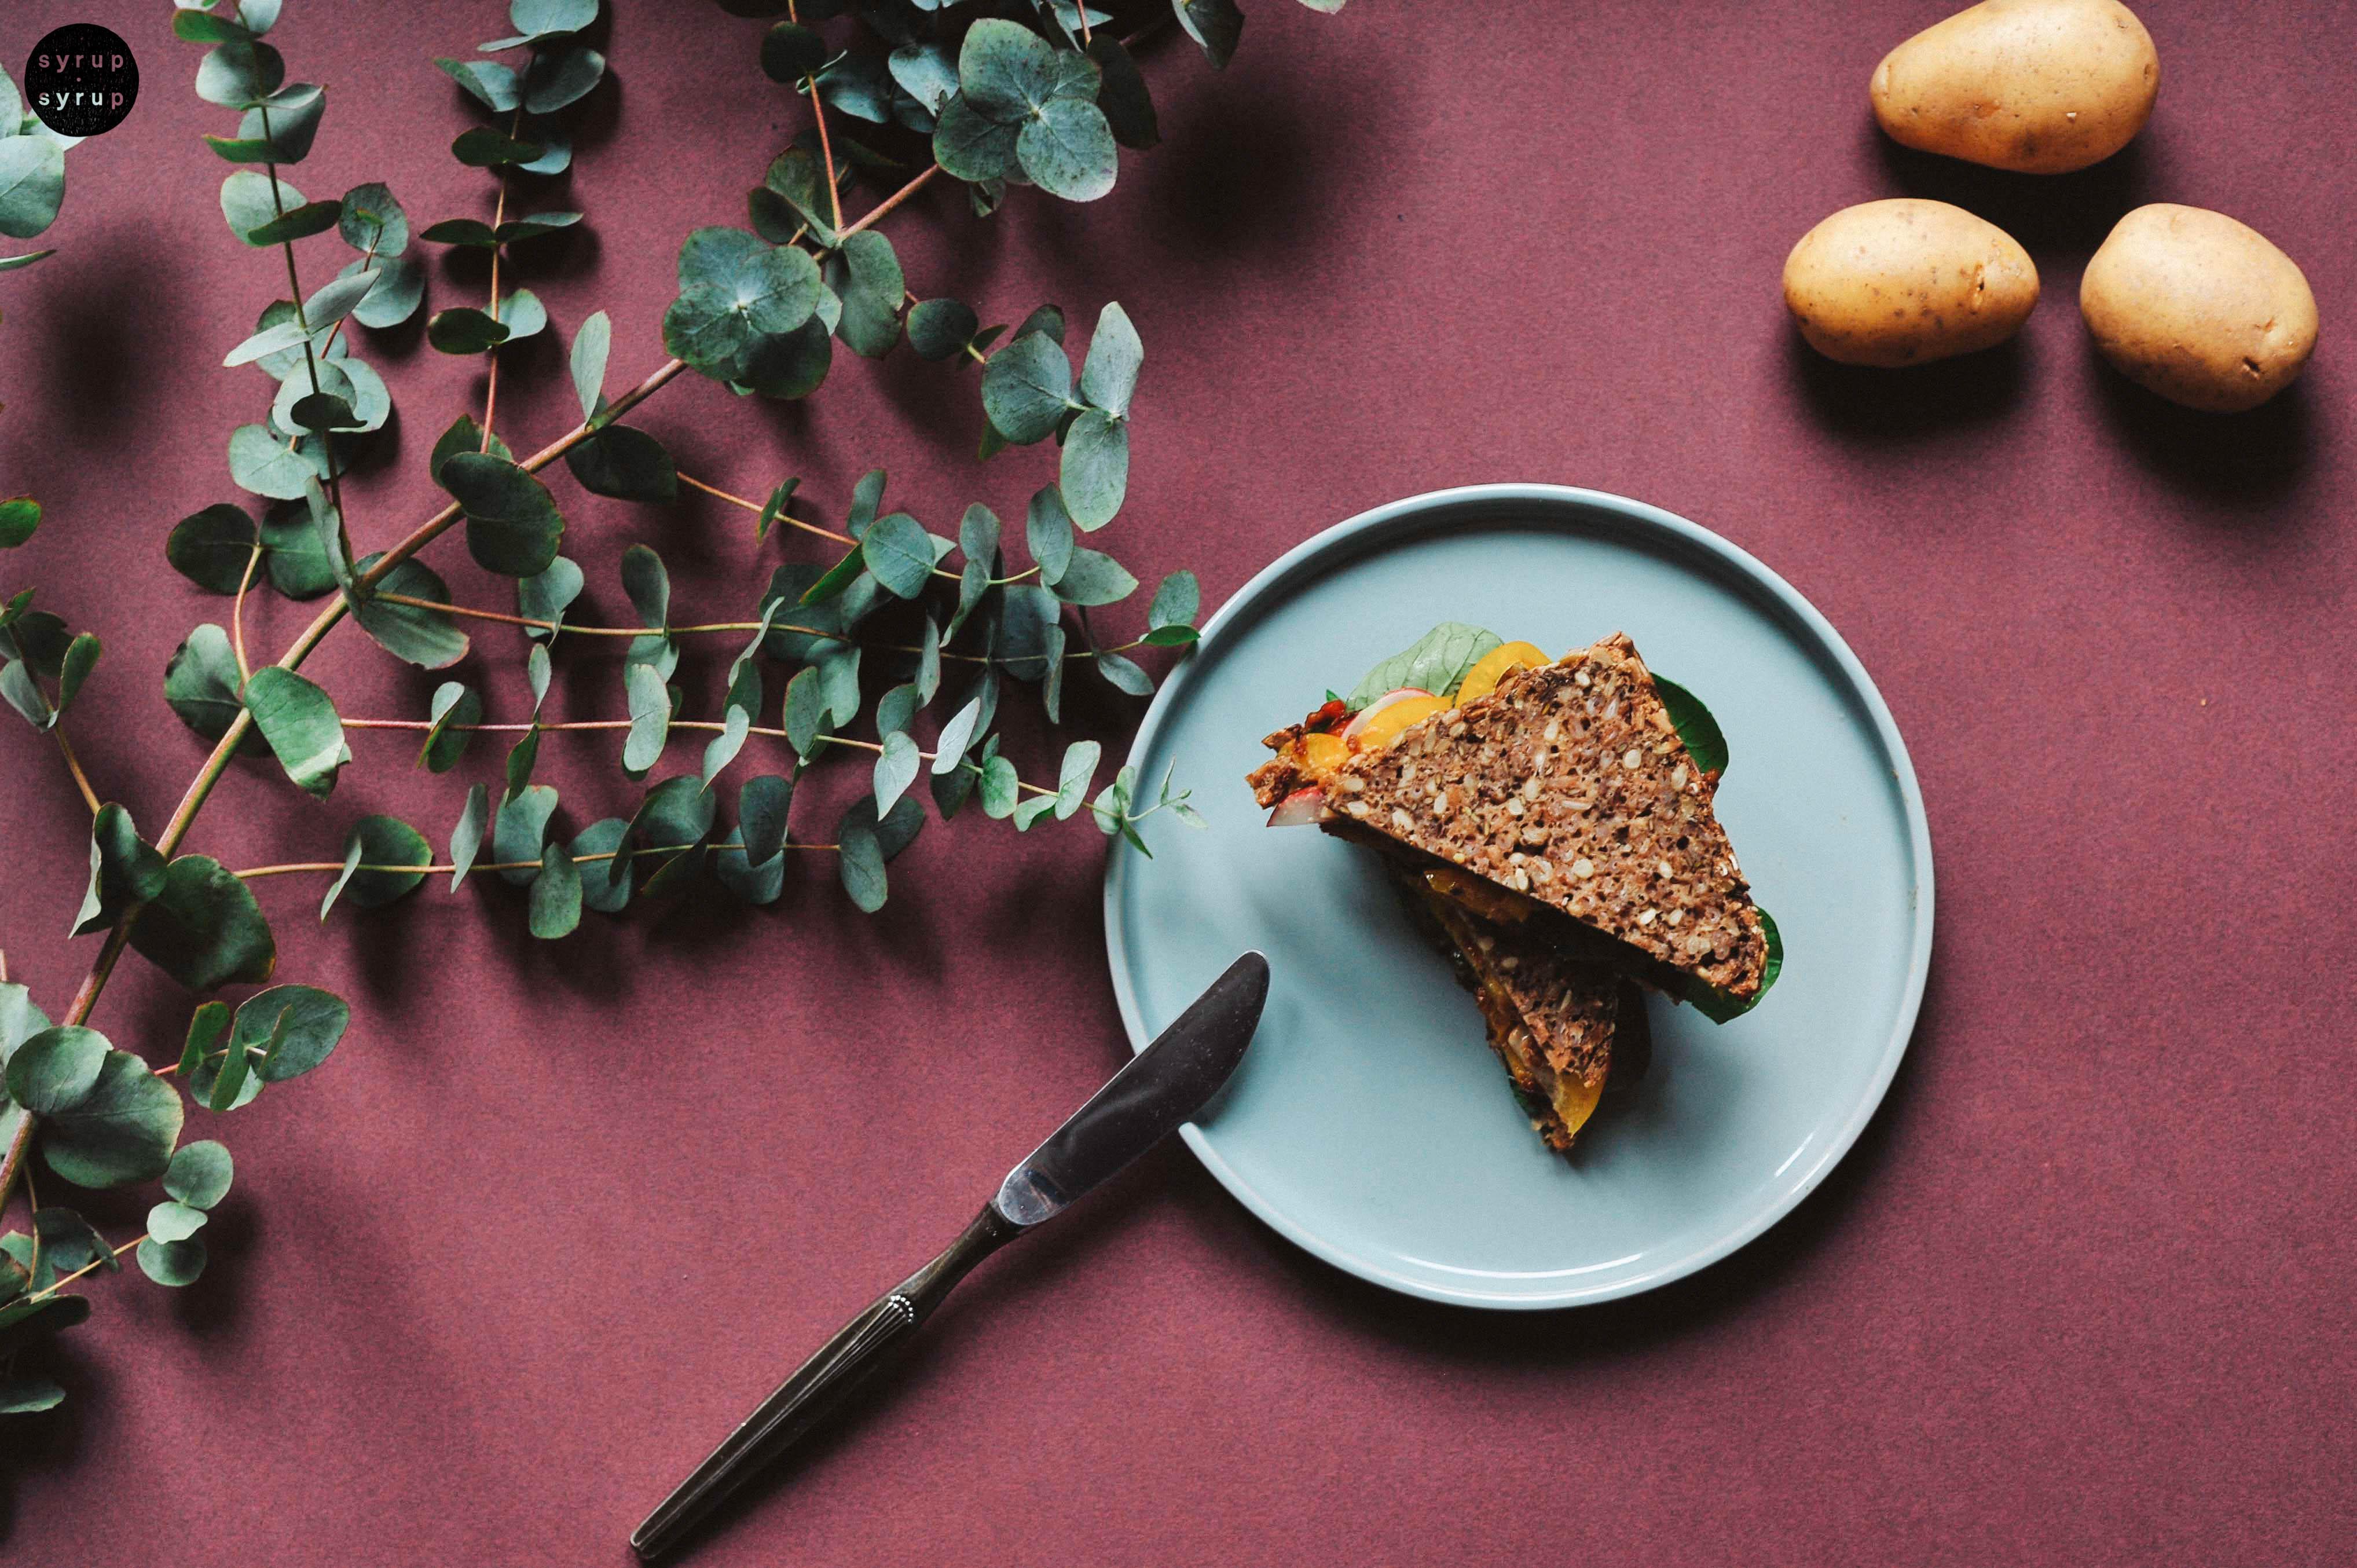 veganes sandwich 01 - Kartoffel-Sandwich mit Erdnusssauce